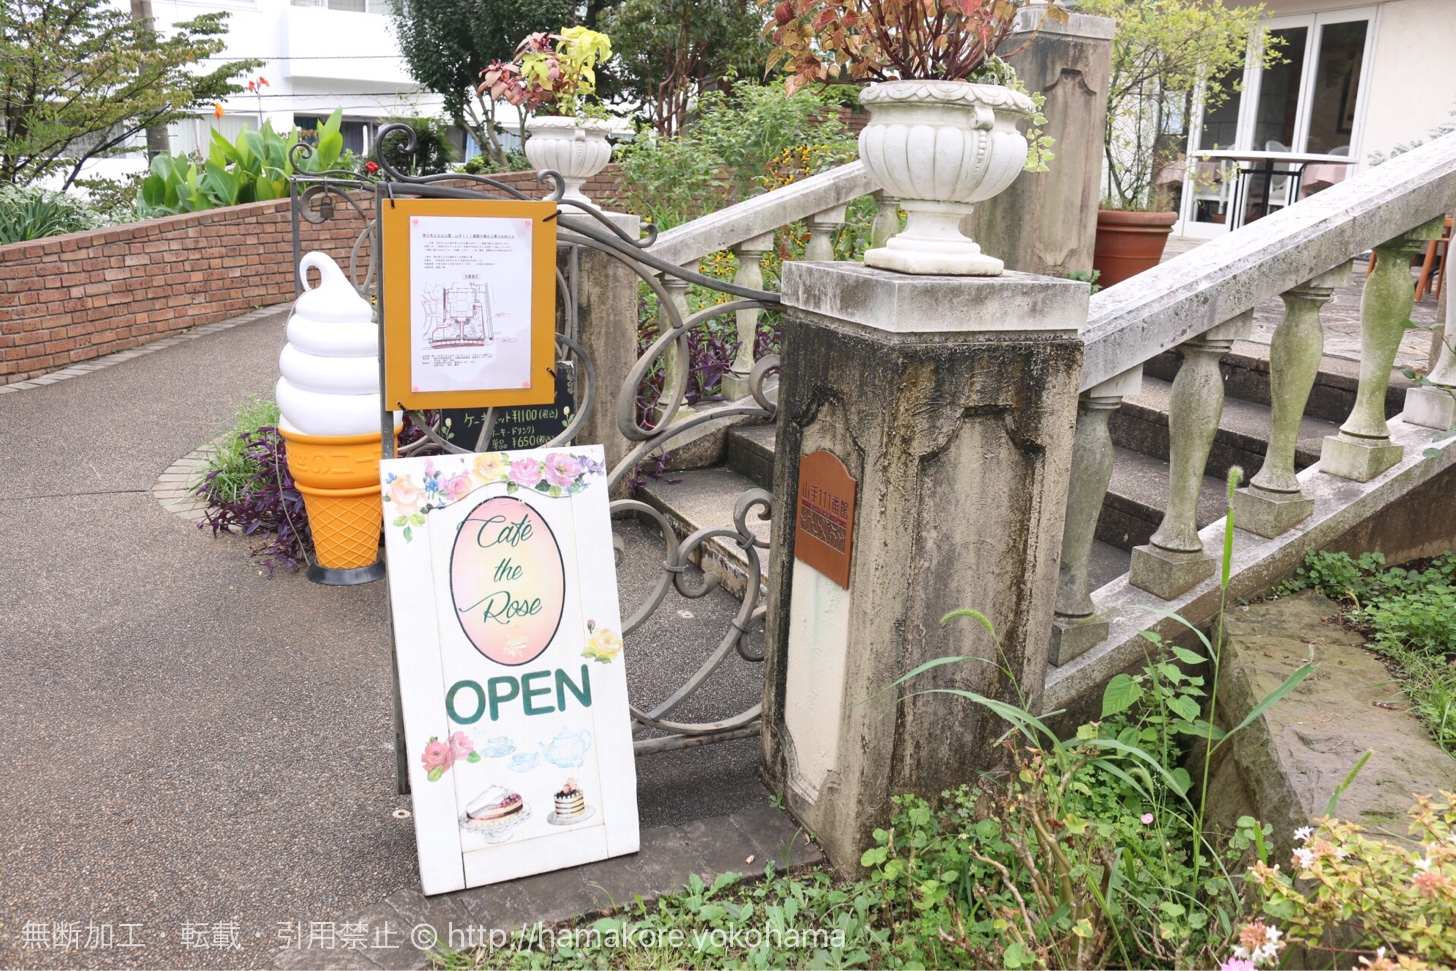 カフェ・ザ・ローズ 入り口